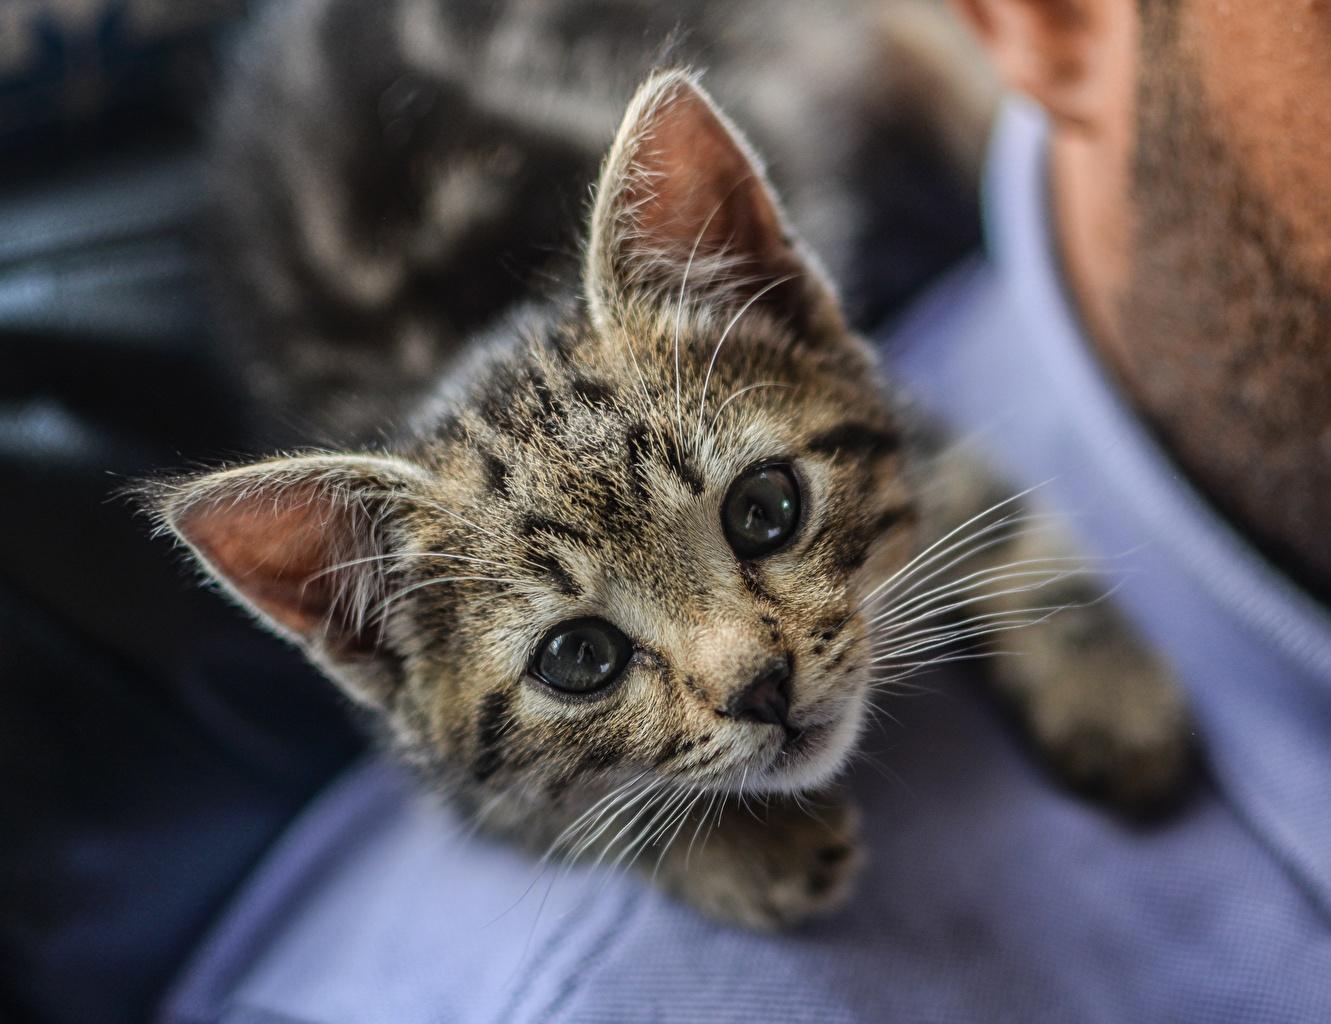 Bilder von Kätzchen Katze Süß Schnurrhaare Vibrisse Starren ein Tier Katzenjunges Katzen Hauskatze nett süße süßer süßes niedlich Tiere Blick